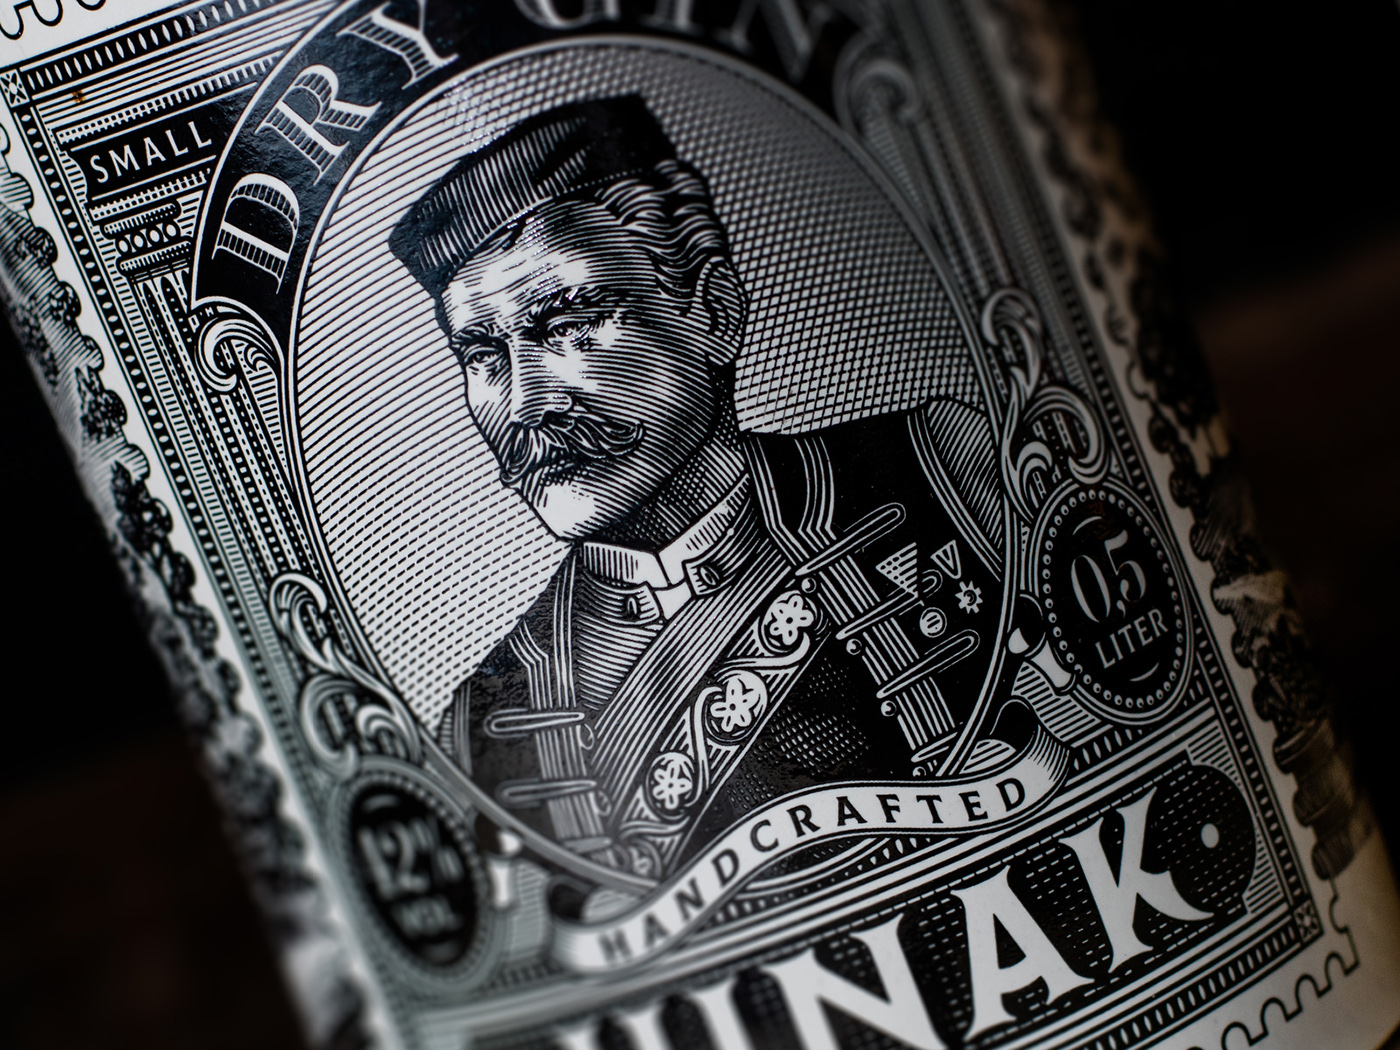 Label Design for Junak Dry Gin by Widakk Design Studio